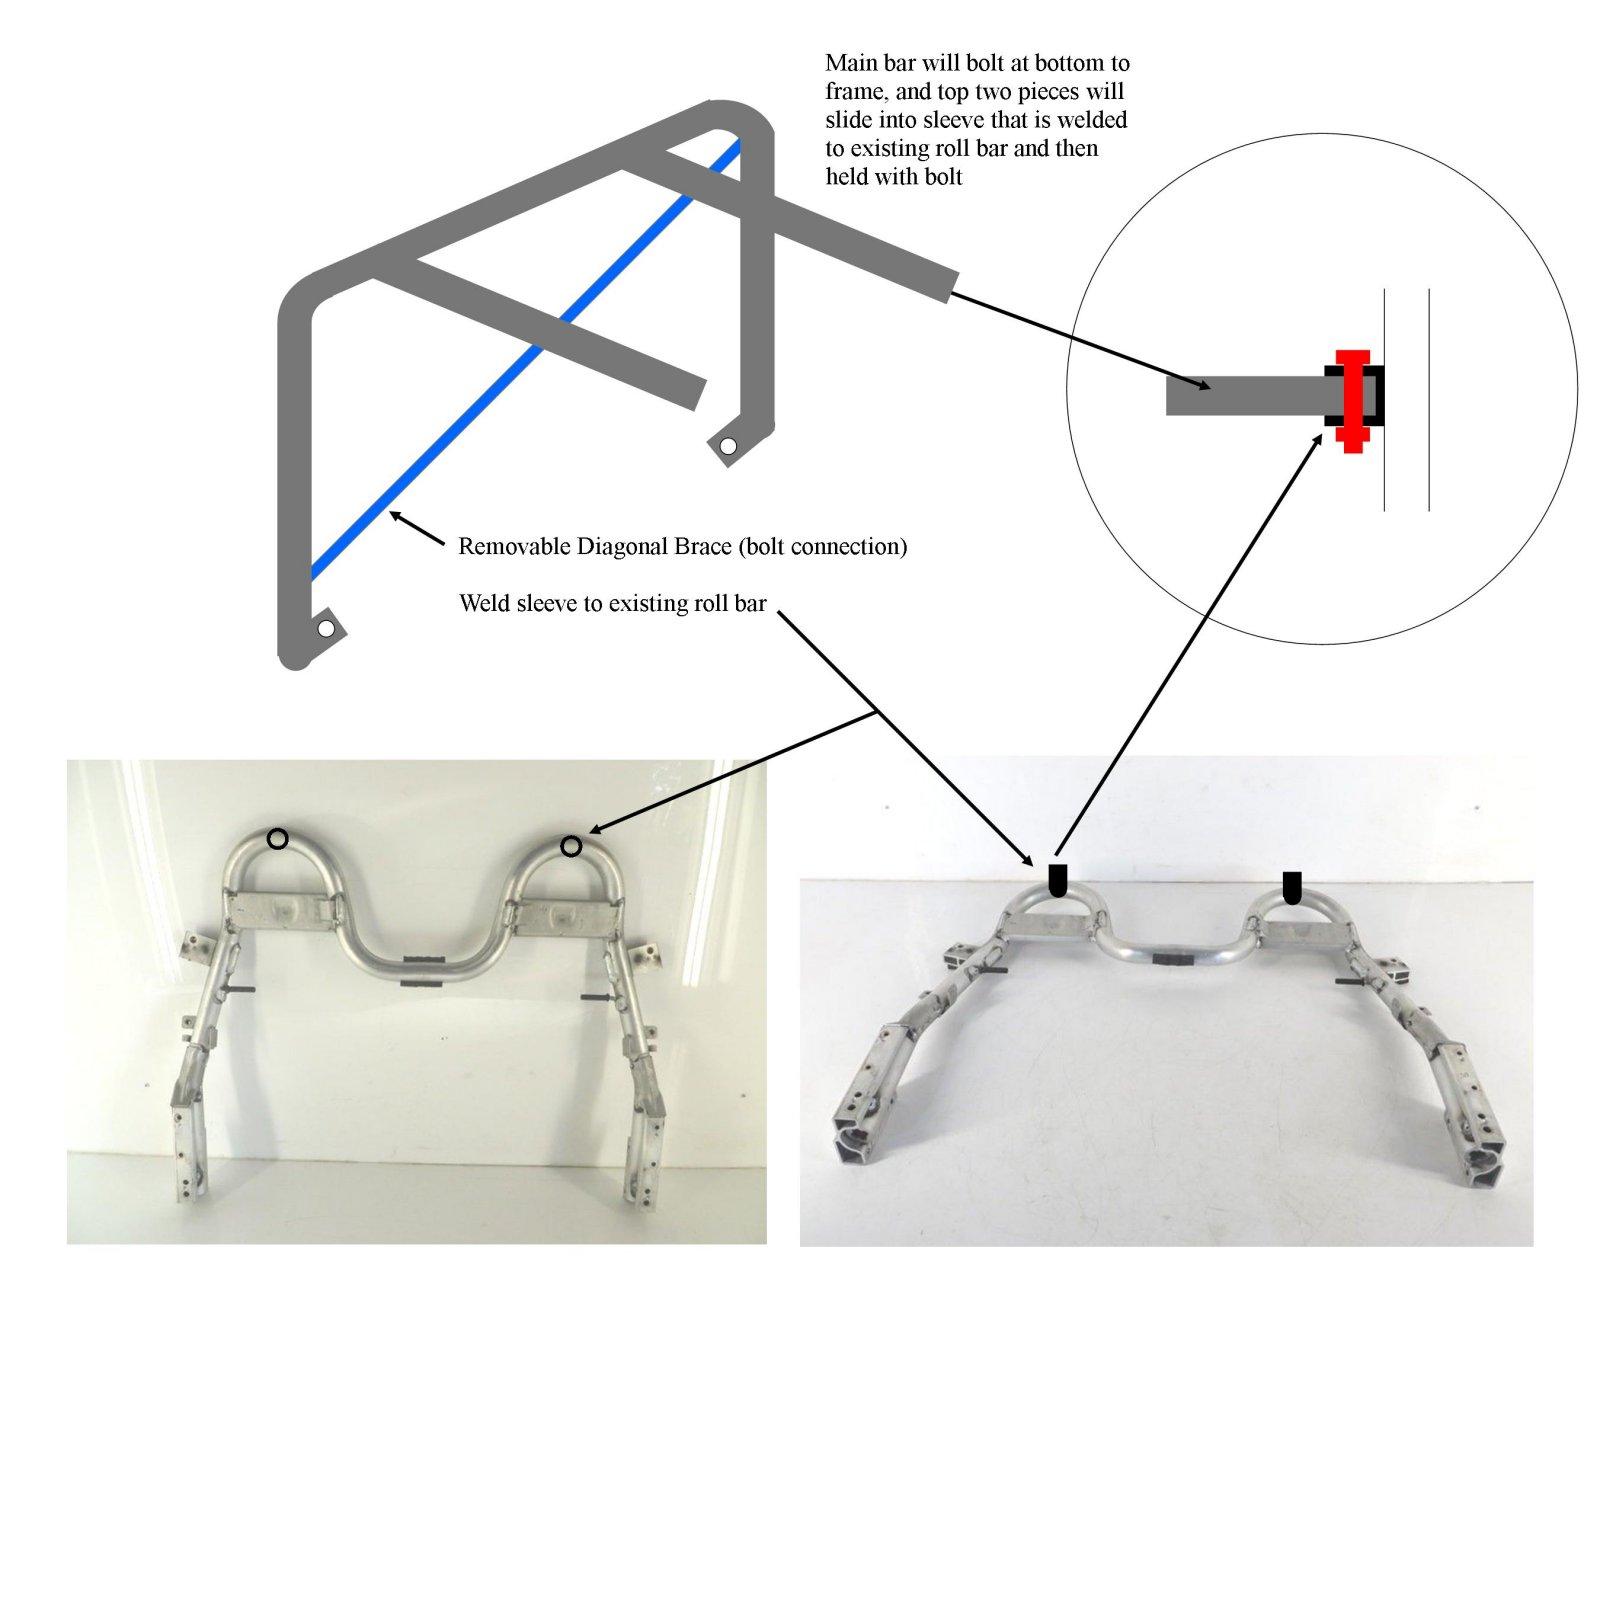 Convertible Roll Bar.jpg